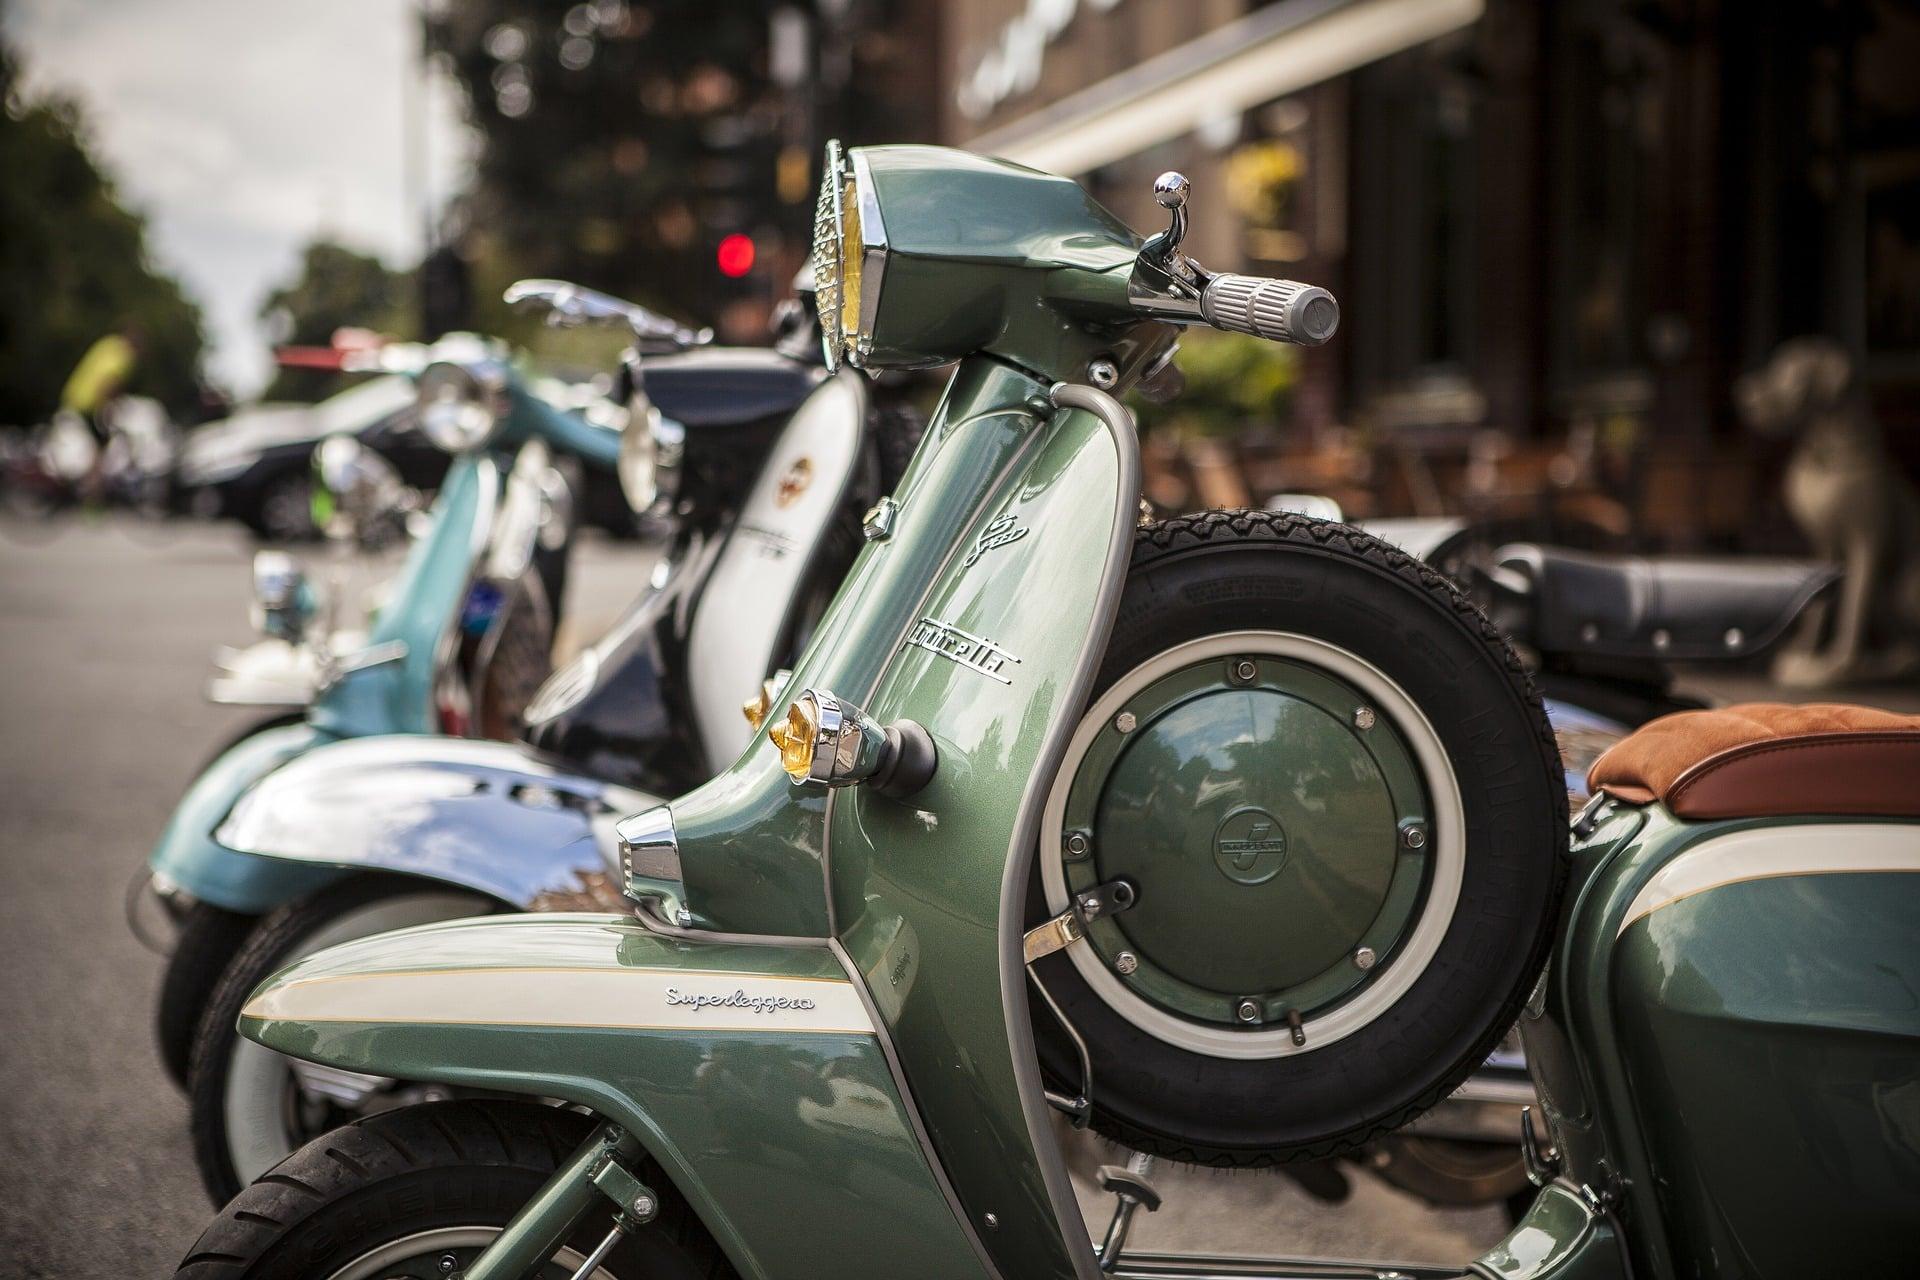 摩托車貸款是什麼?7個一定要知道的摩托車車貸優點